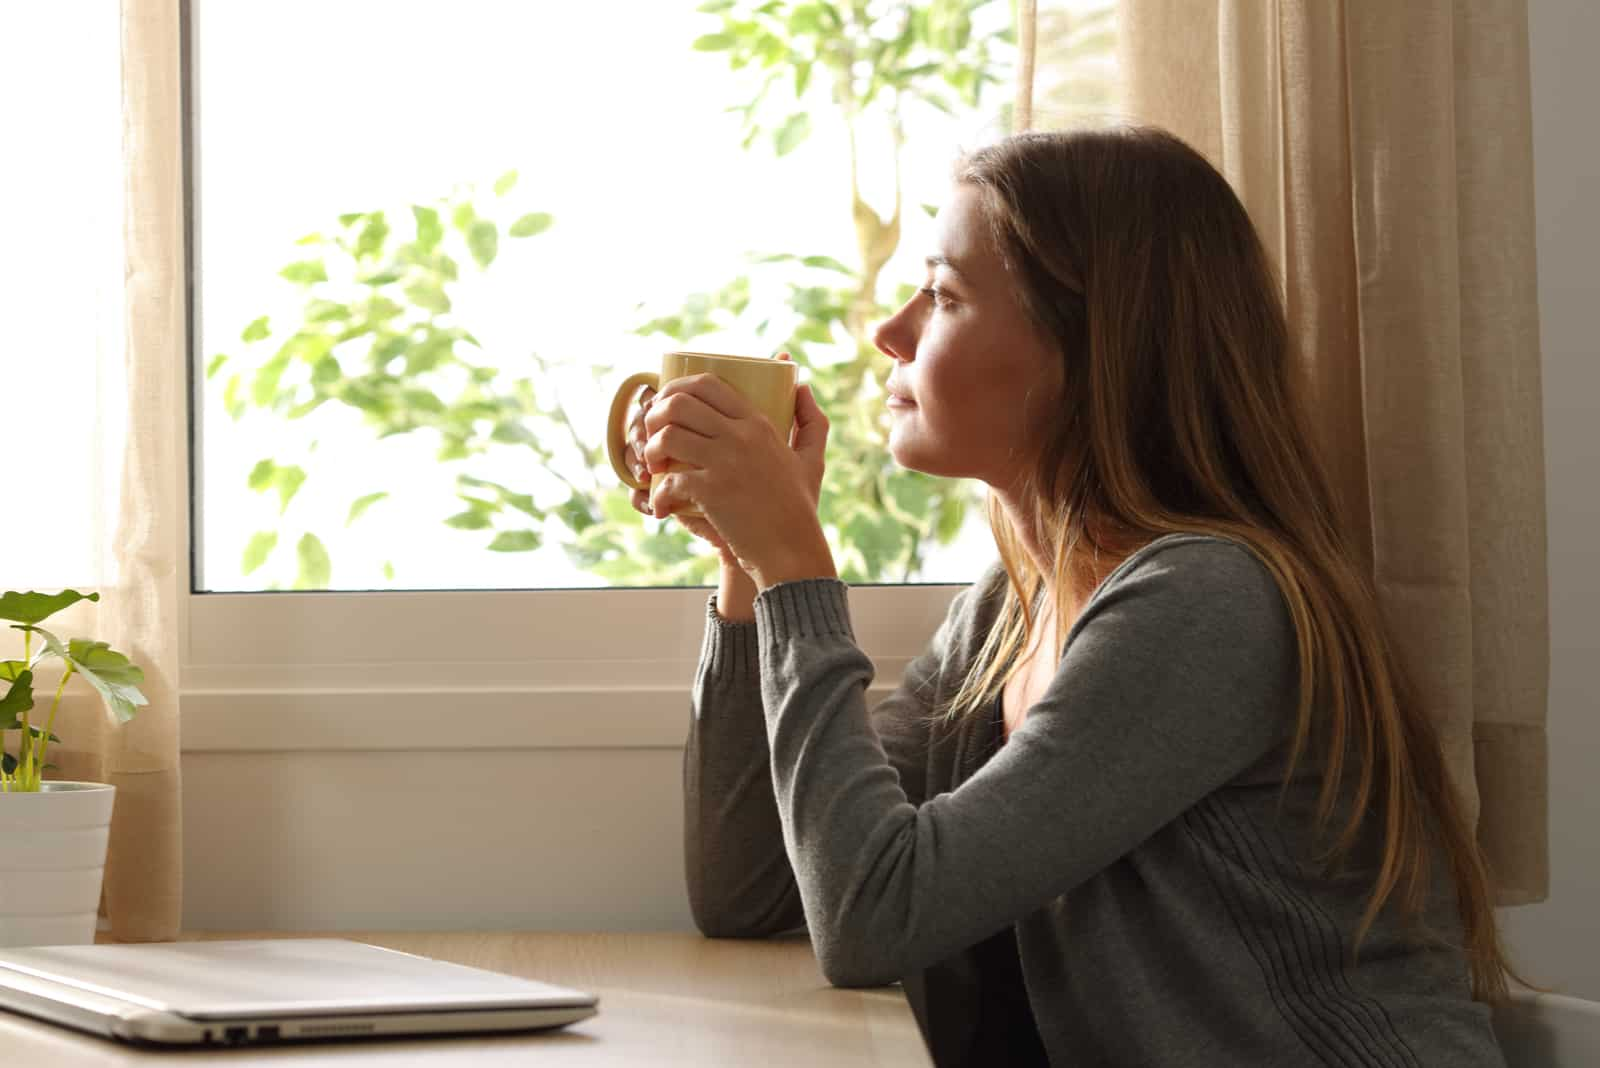 eine imaginäre Frau, die Kaffee trinkt und aus dem Fenster schaut